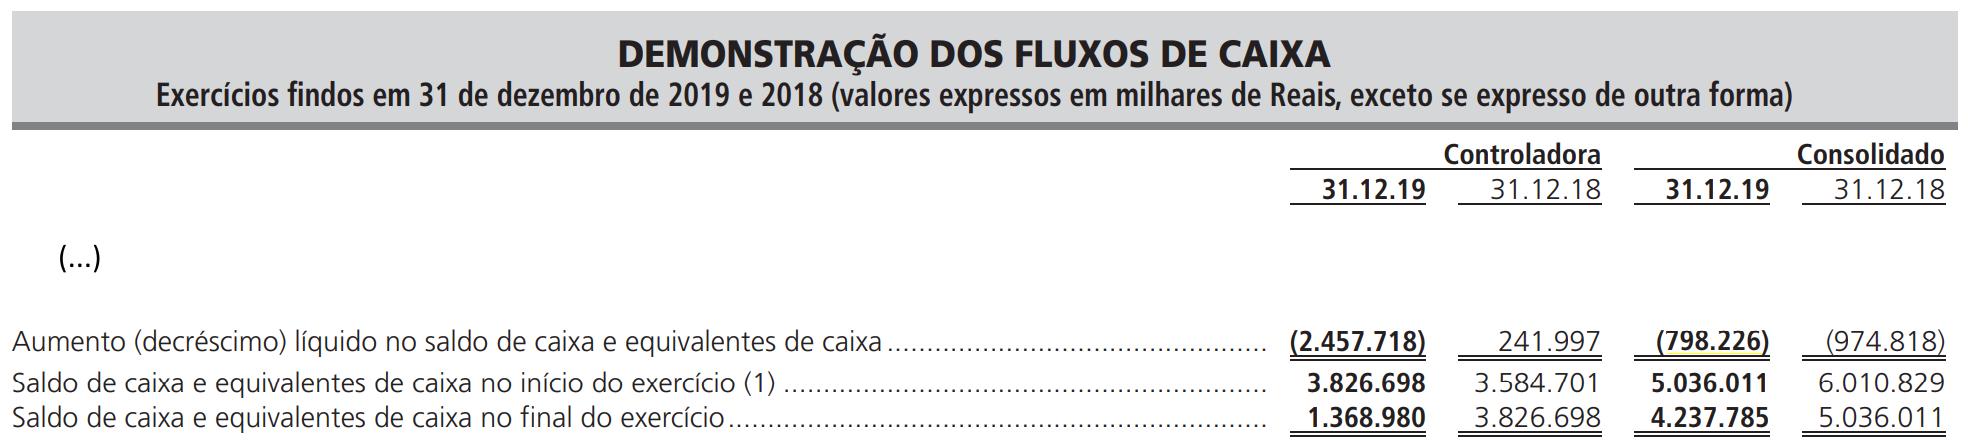 BRF - Demonstrações dos Fluxos de Caixa 2019 e 2018